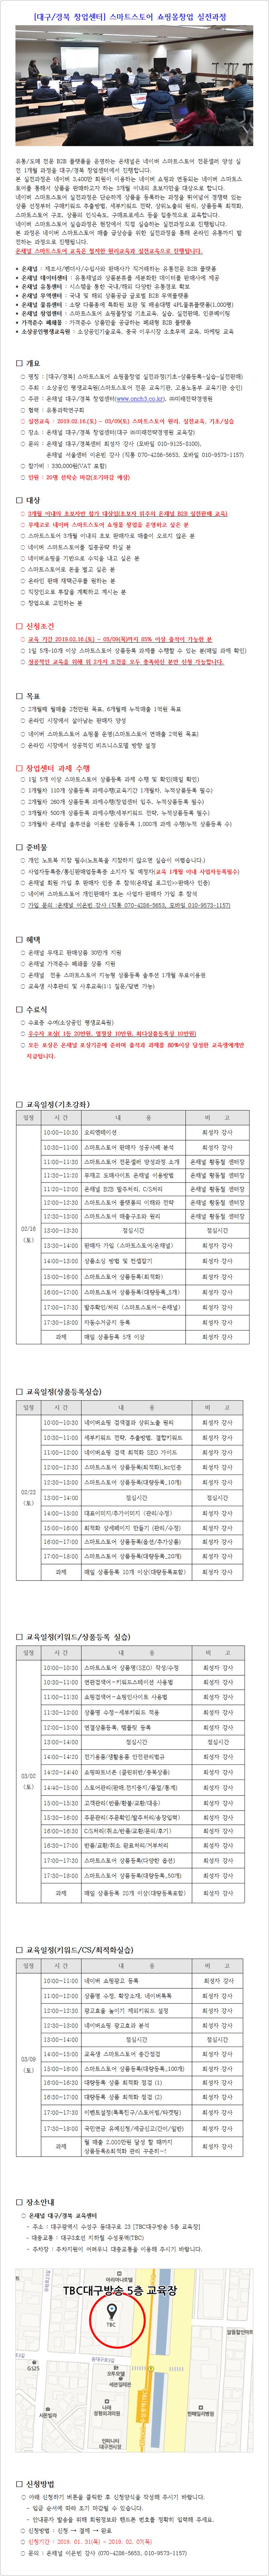 온채널_대구경북 창업센터(2기) 커리큘럼_온채널.png